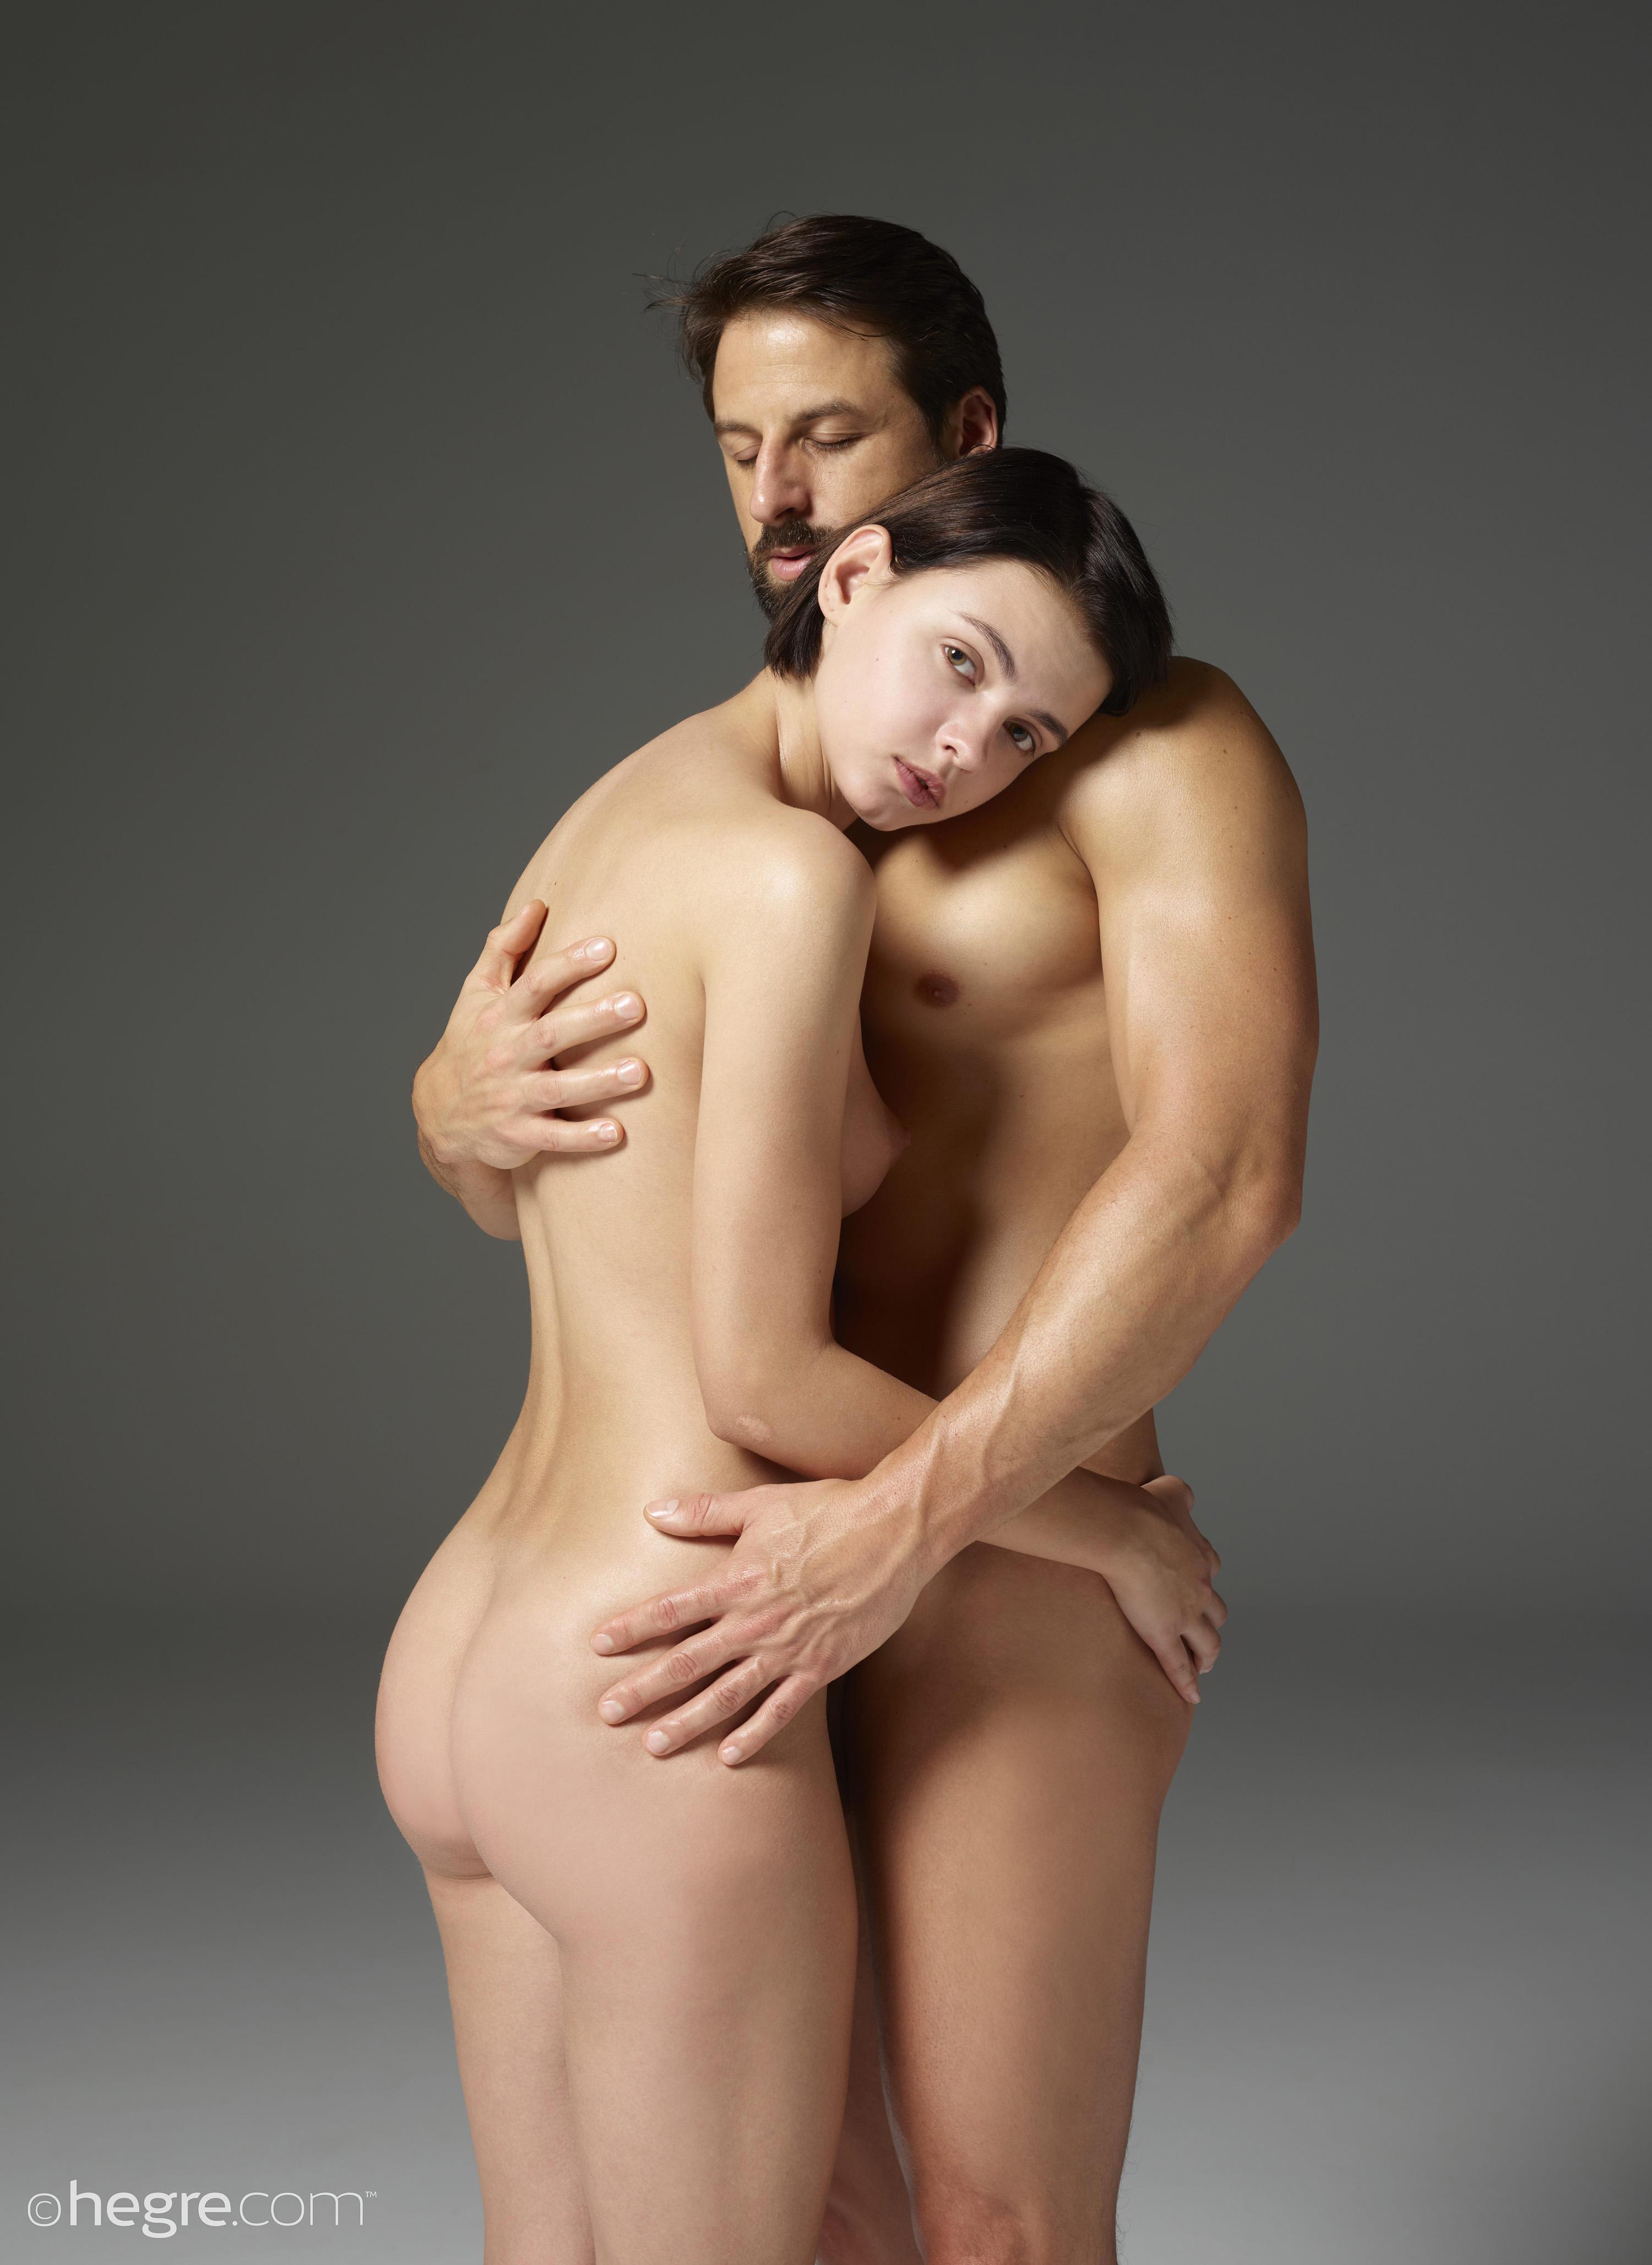 Шикарная Фотосессия Обнаженной Пары Для Порно Издания